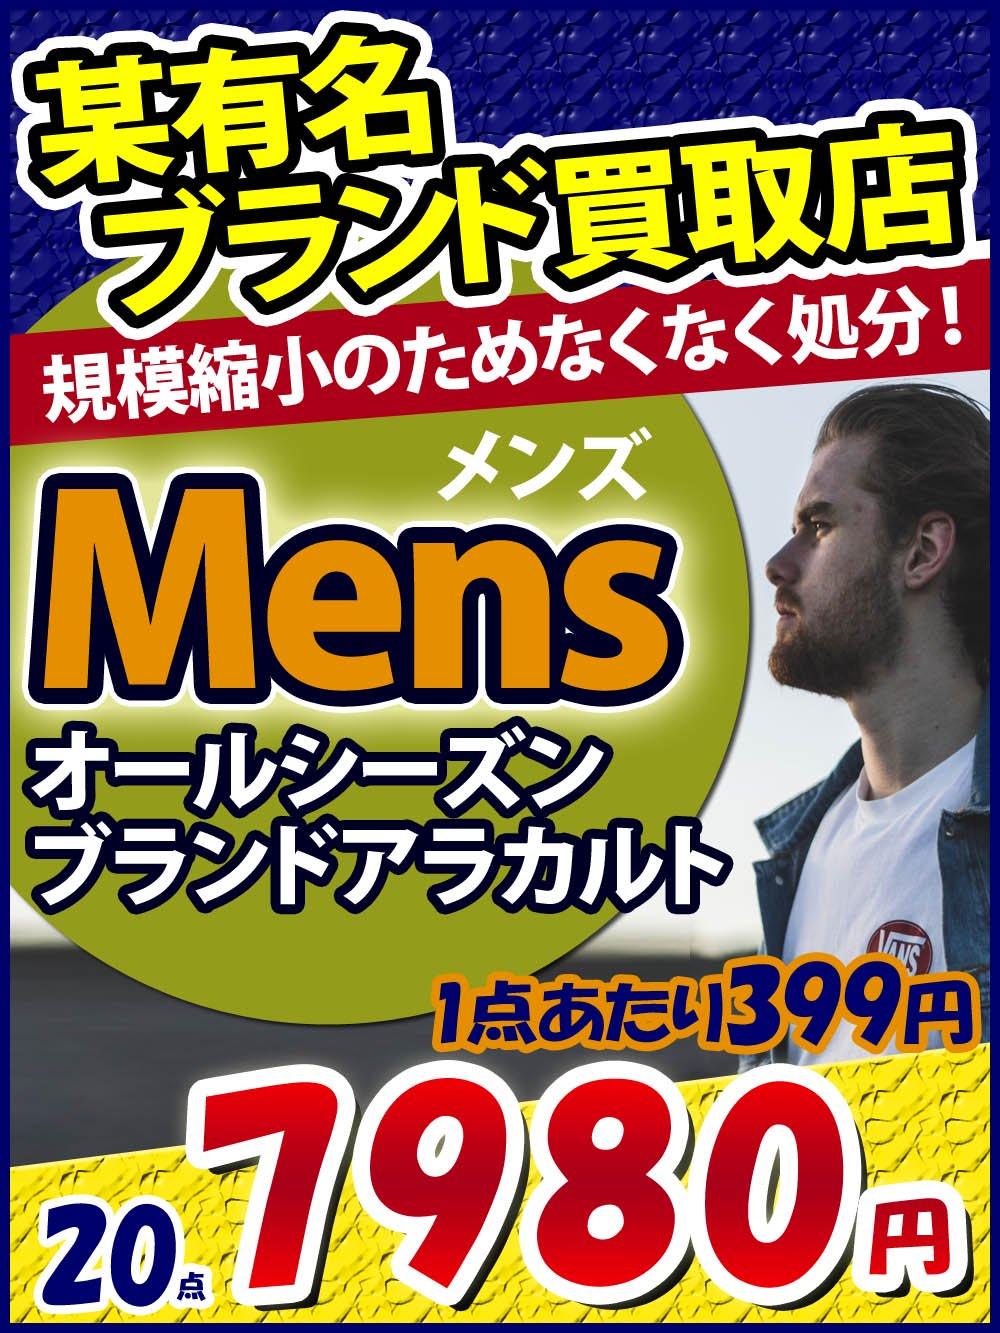 【某有名ブランド買取店】【メンズのみ】規模縮小のためなくなく処分!オールシーズンブランドアラカルト【20点】@399